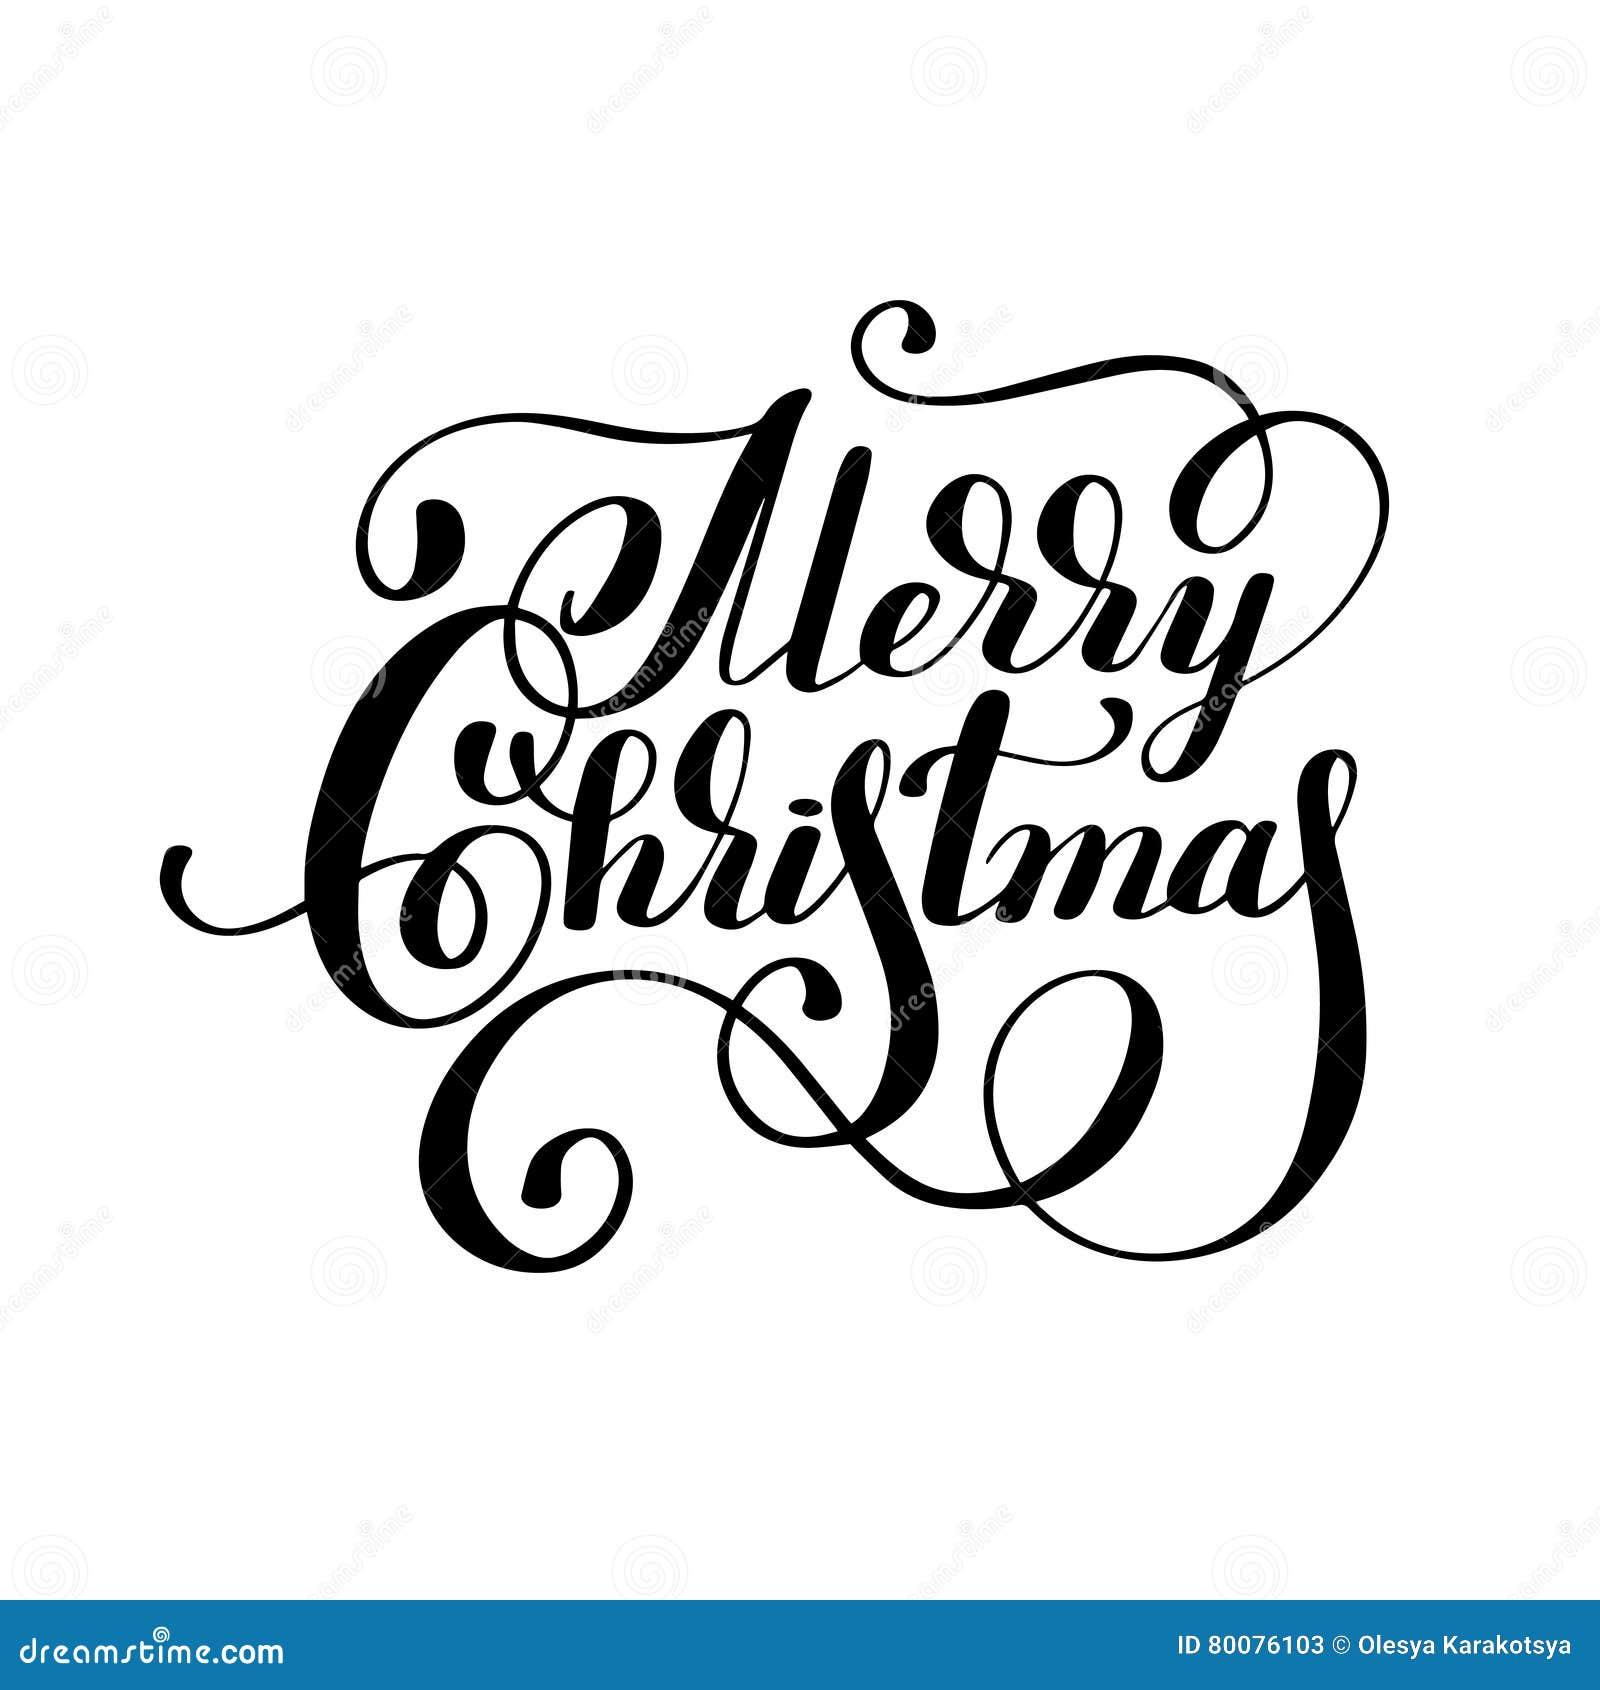 Immagini Natale In Bianco E Nero.Buon Natale In Bianco E Nero Dell Iscrizione Dell Iscrizione Della Mano Illustrazione Vettoriale Illustrazione Di Etichetta Grafico 80076103